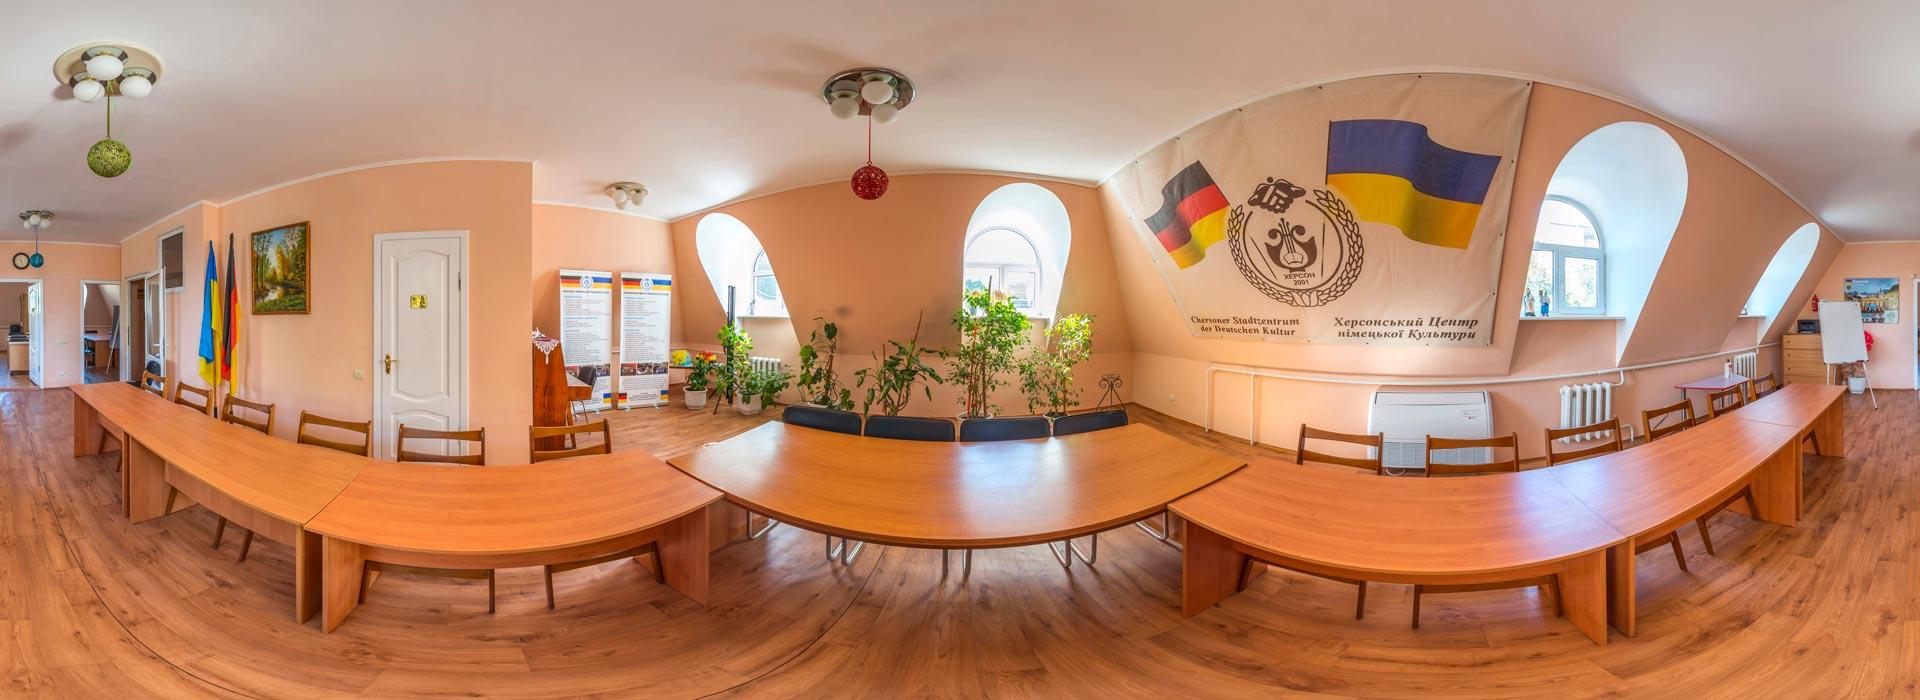 Херсонский городской центр немецкой культуры